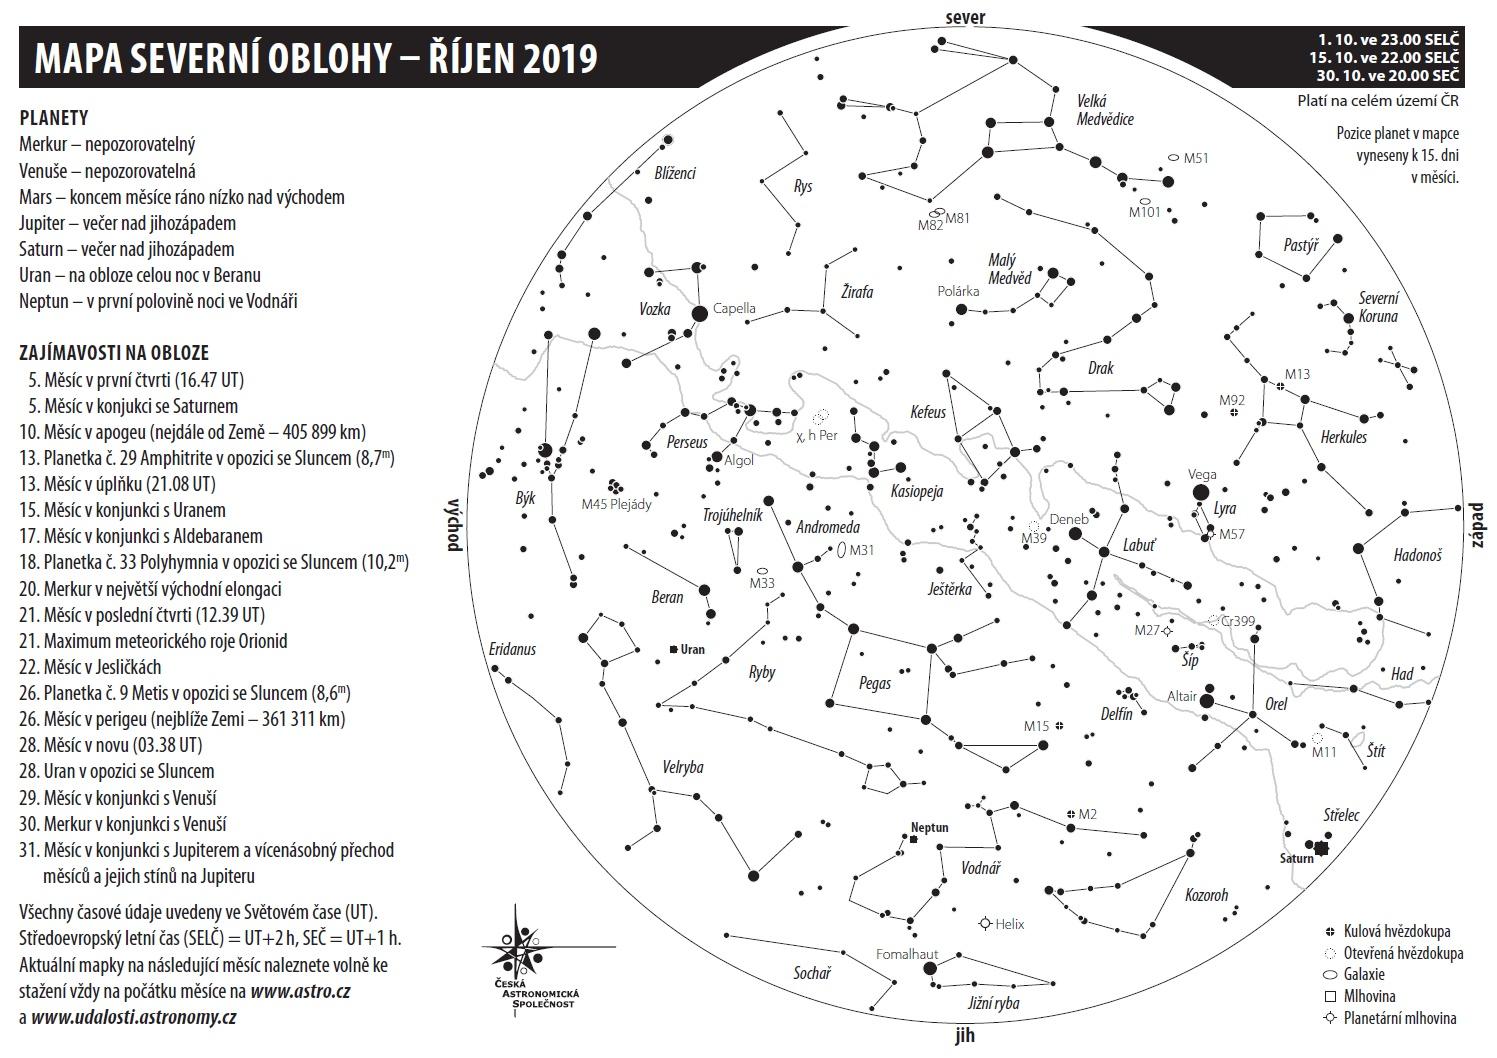 mapa oblohy v říjnu 2019